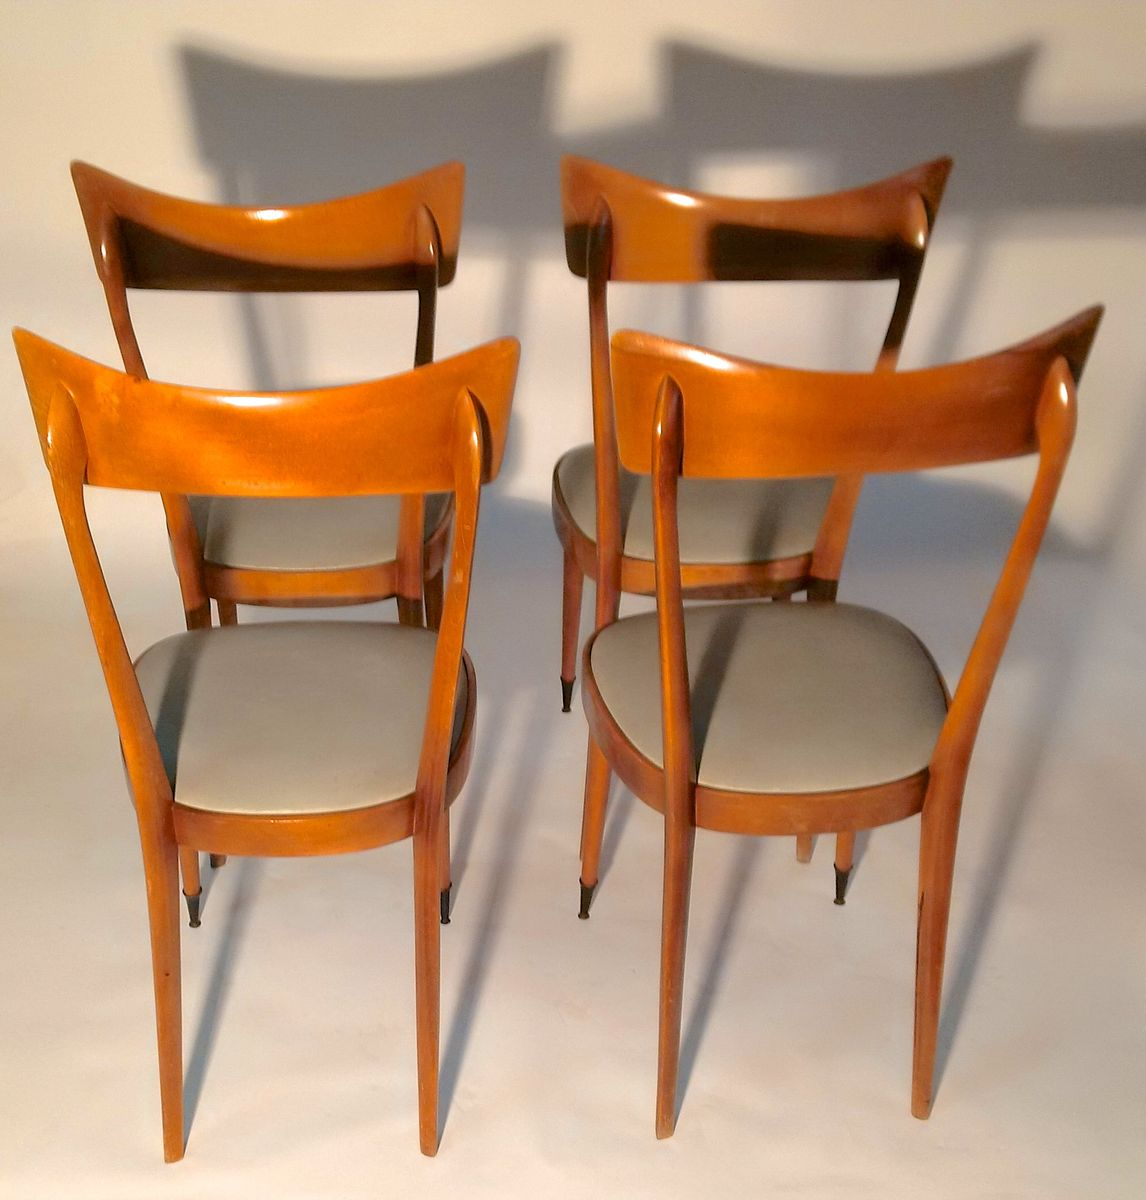 Italienische Mid Century Esszimmer Stühle, 4er Set bei Pamono kaufen